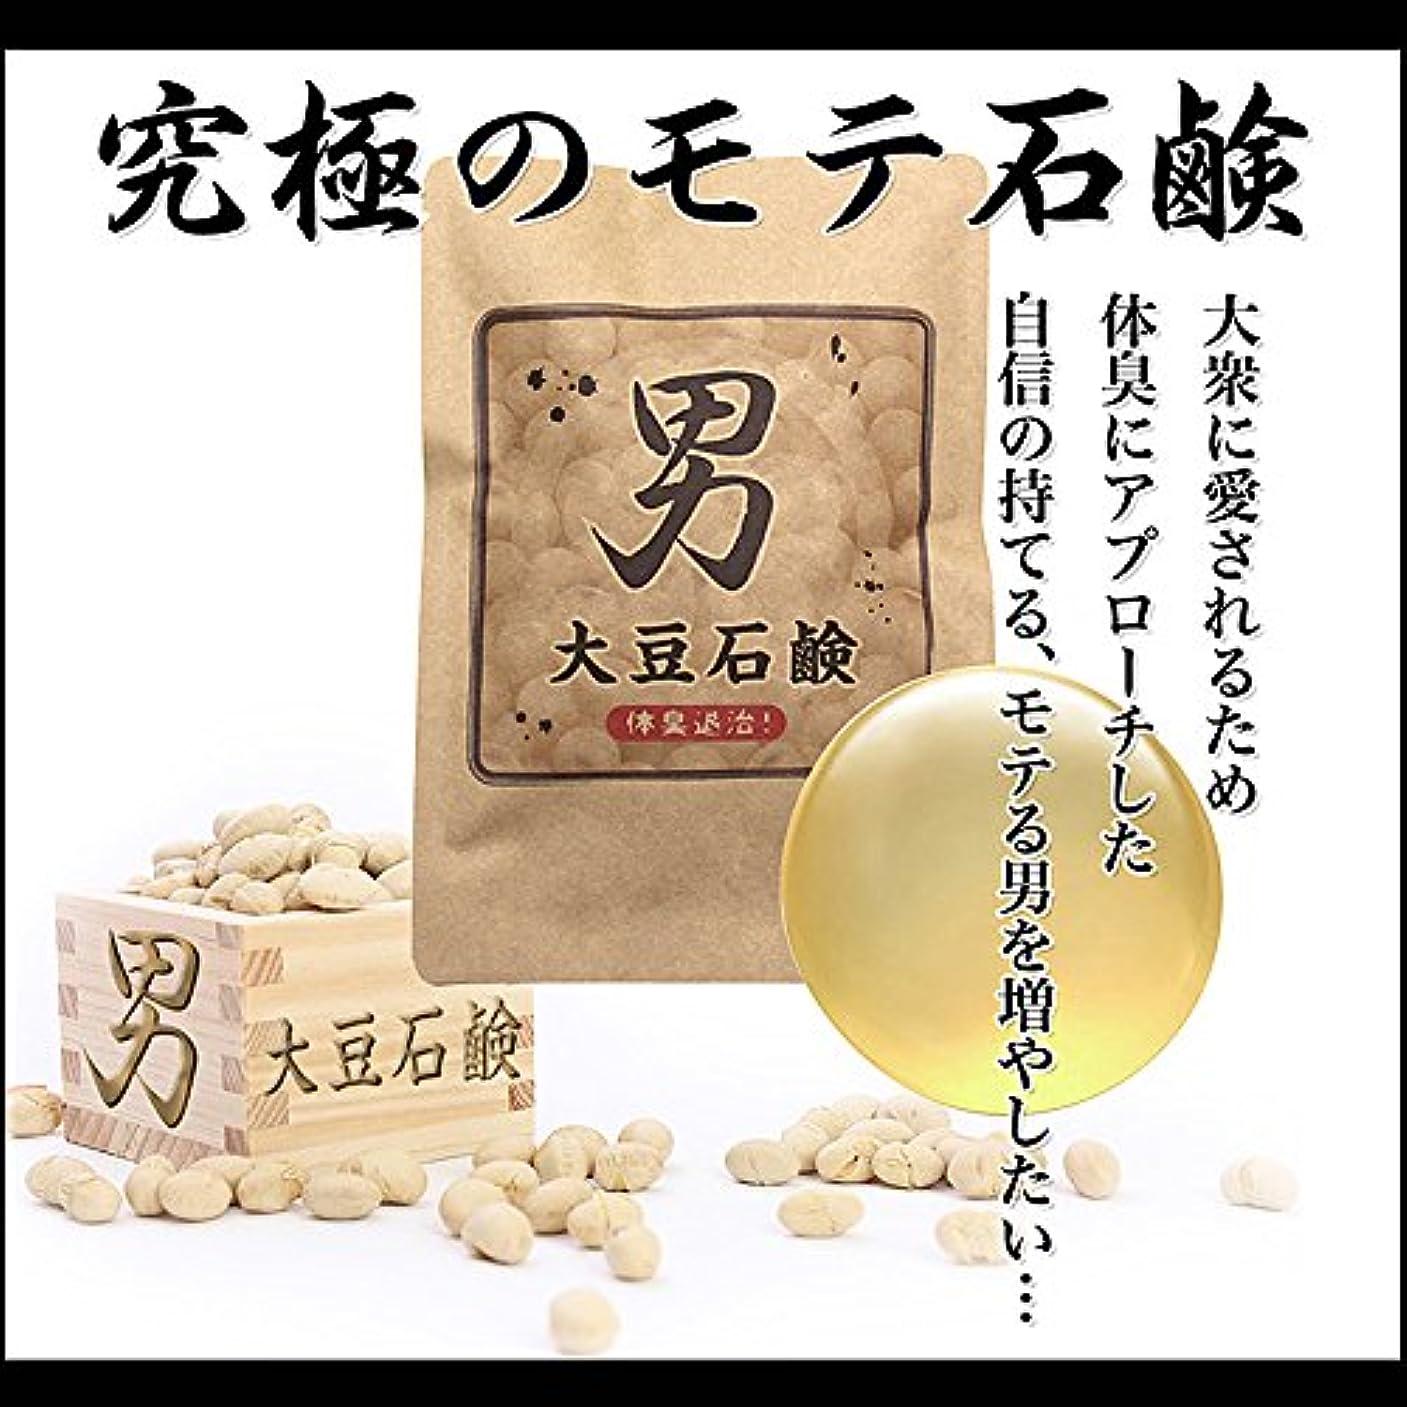 ベイビーフォアタイプ割れ目男大豆石鹸(セリュードボーテ ピュアソープ)